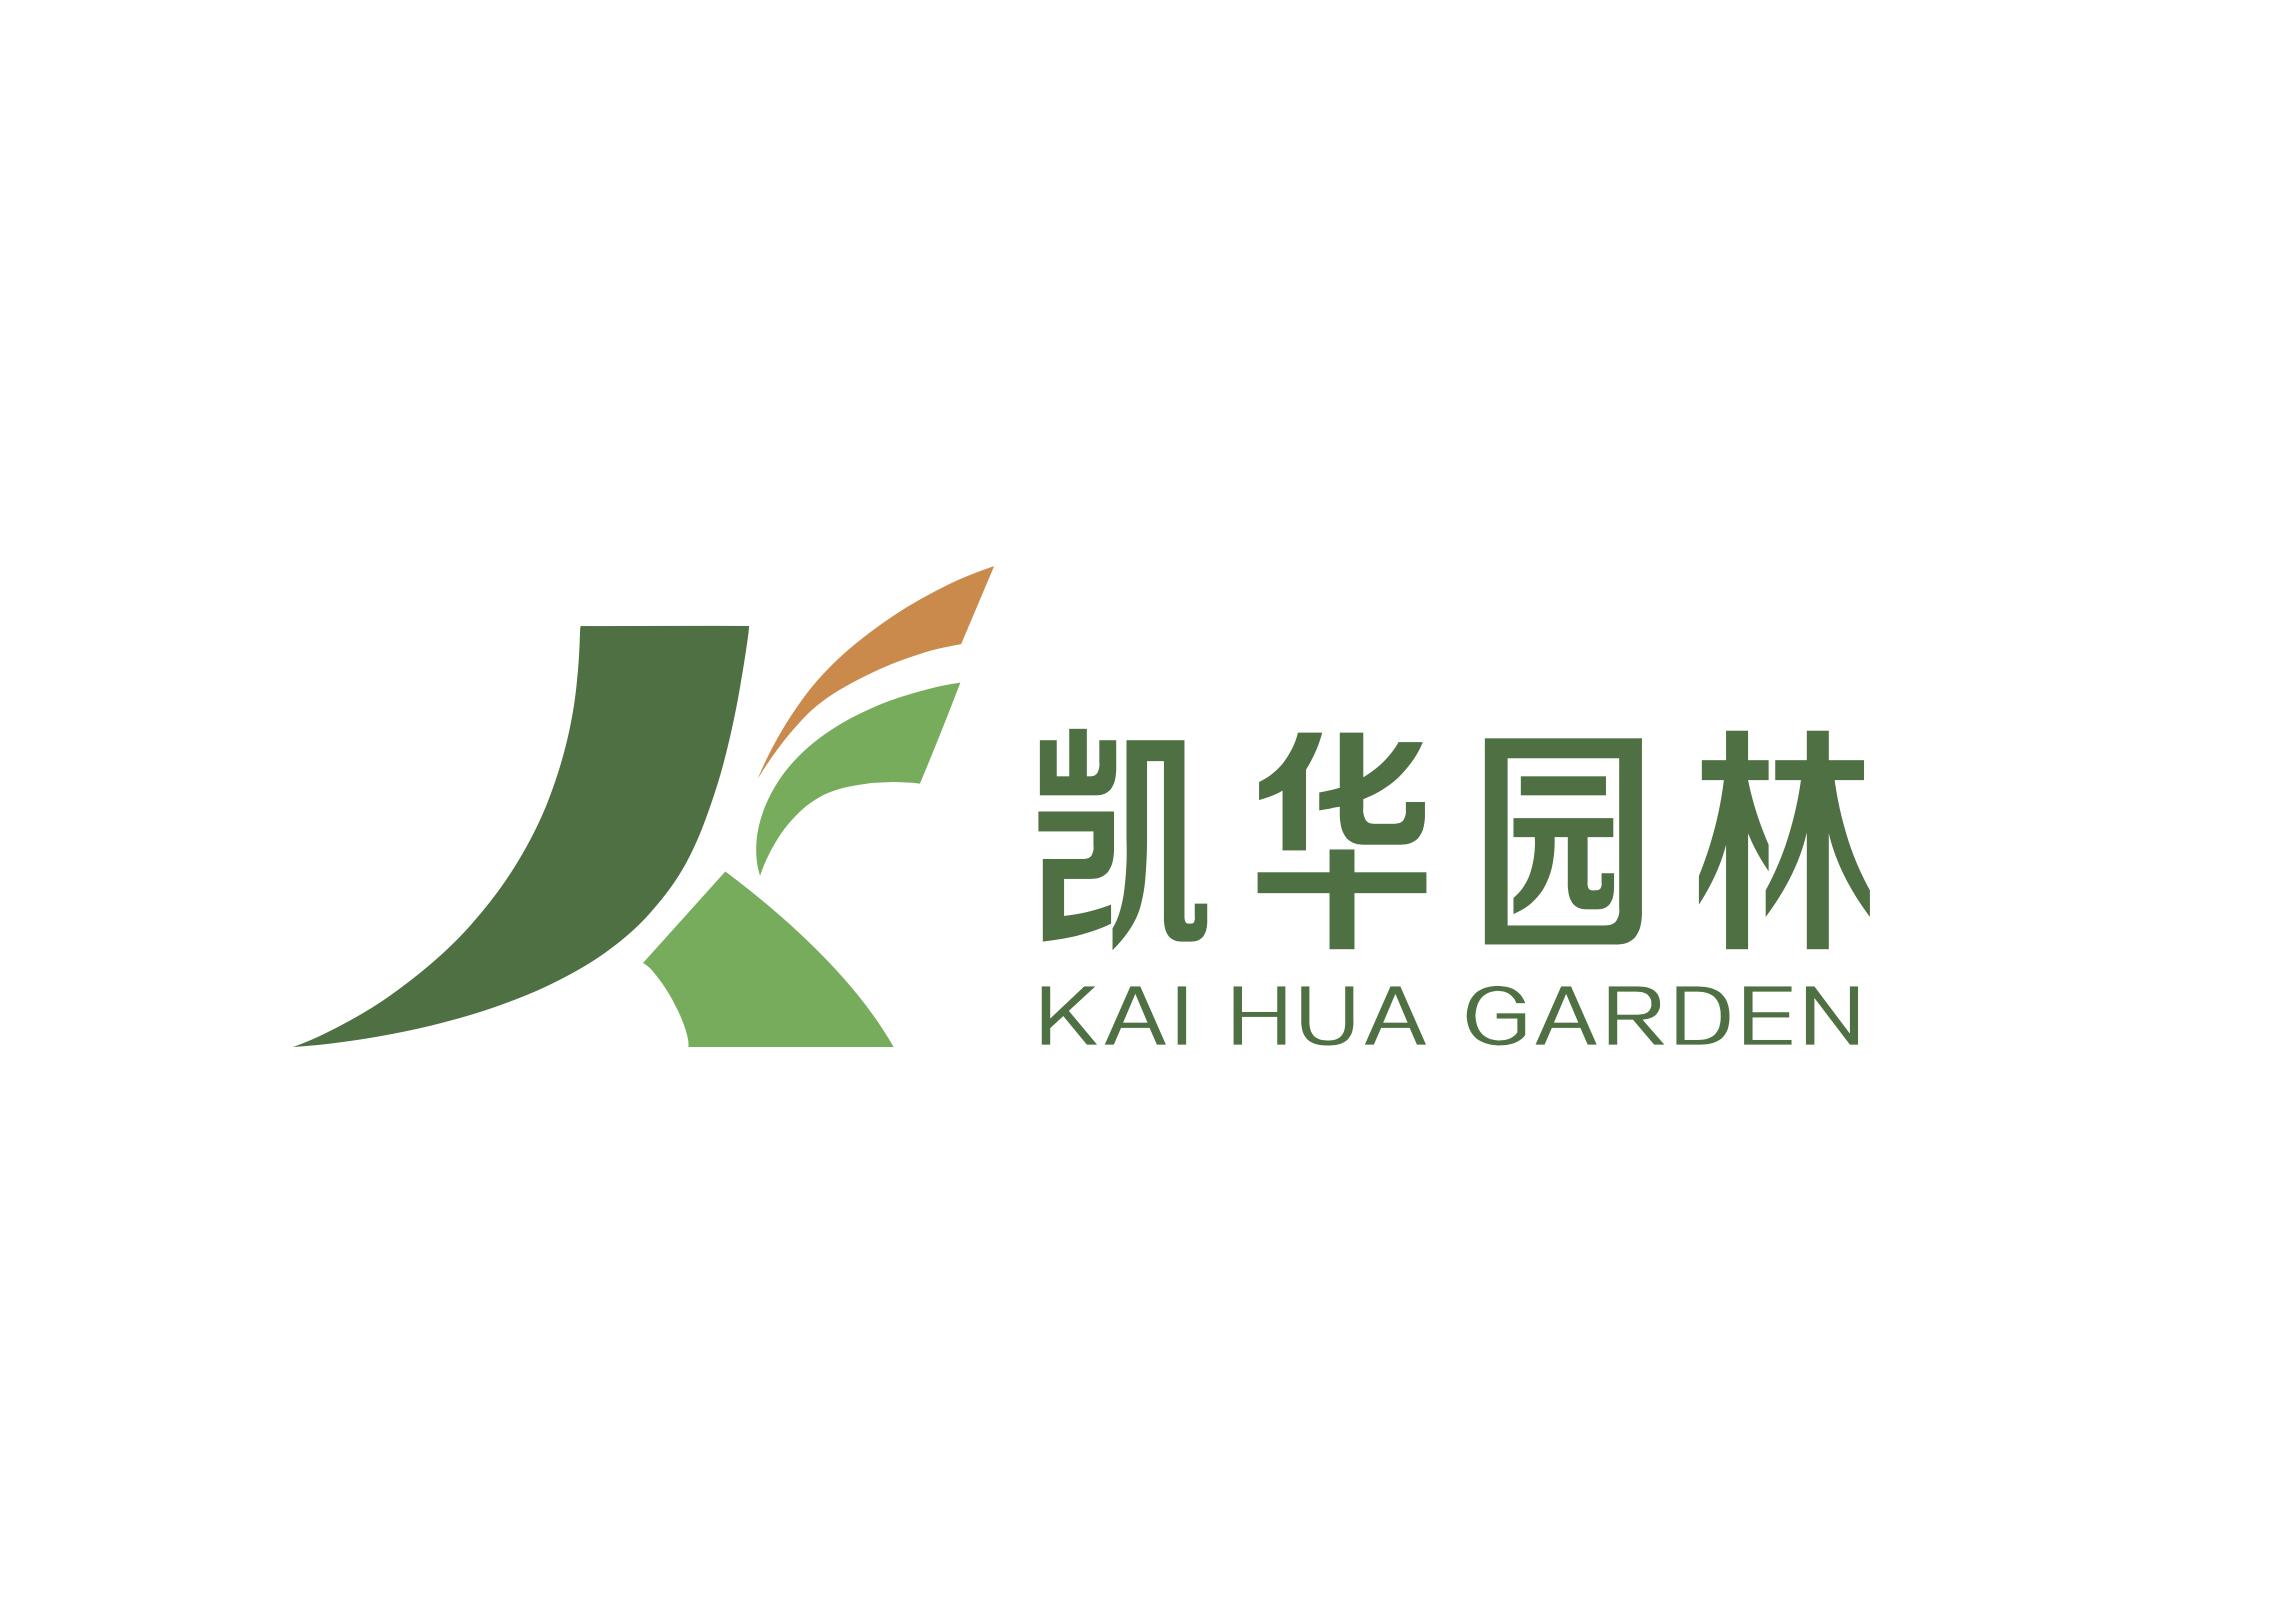 上海凱華園林綠化工程有限公司